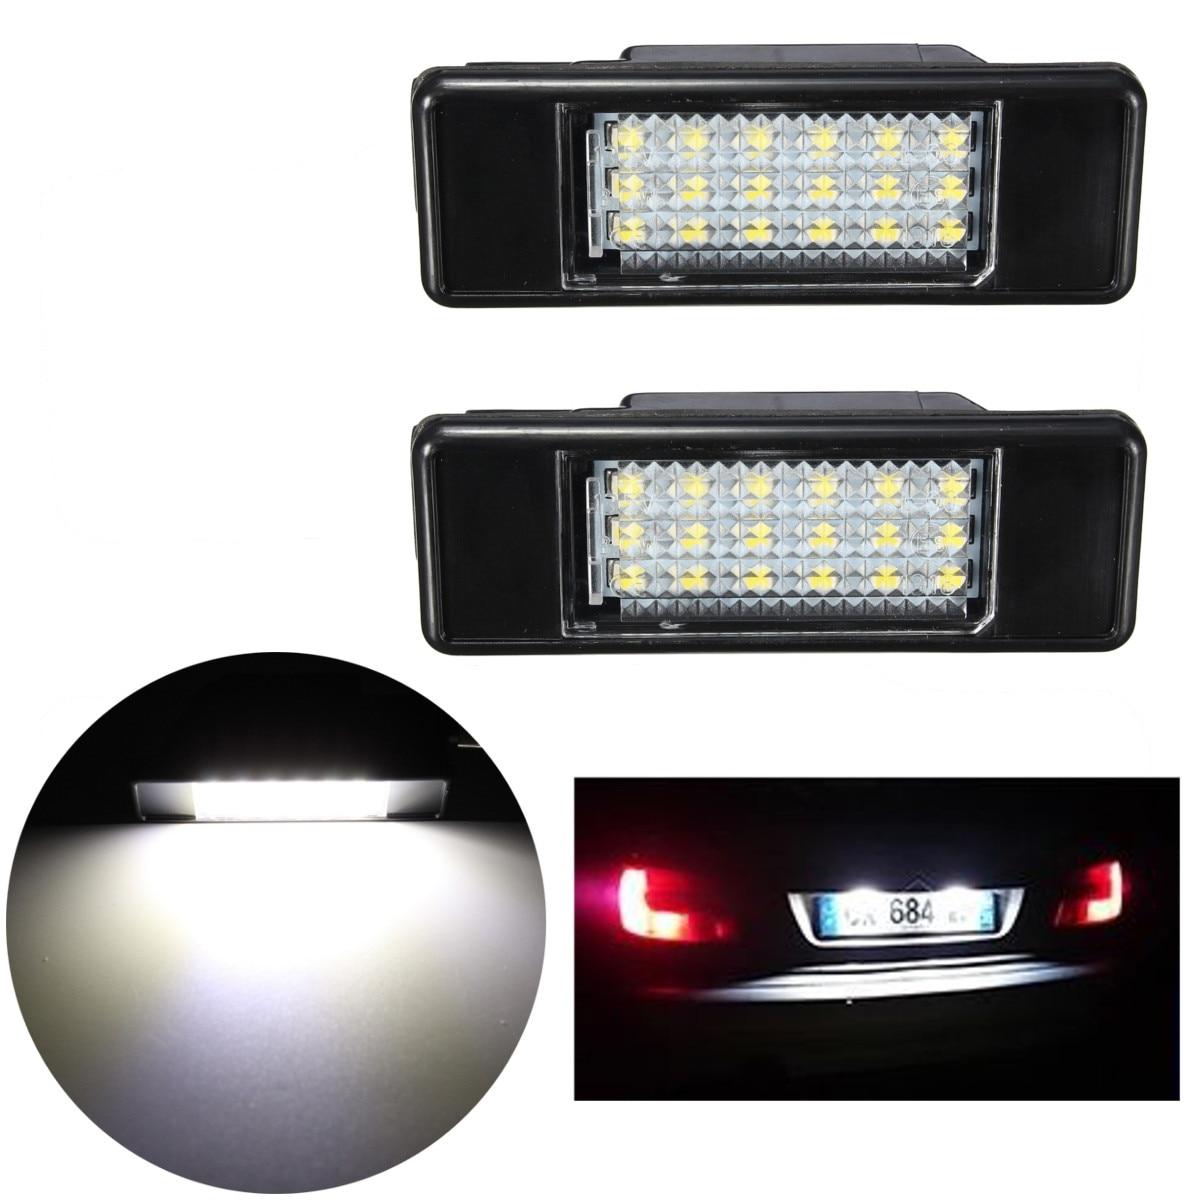 2 x Автомобильный задний 18 светодиодный SMD светильник номерного знака 6000K для Peugeot 106 207 307 308 406 407 508 для CITROEN C3 C4 C5 C6 C8